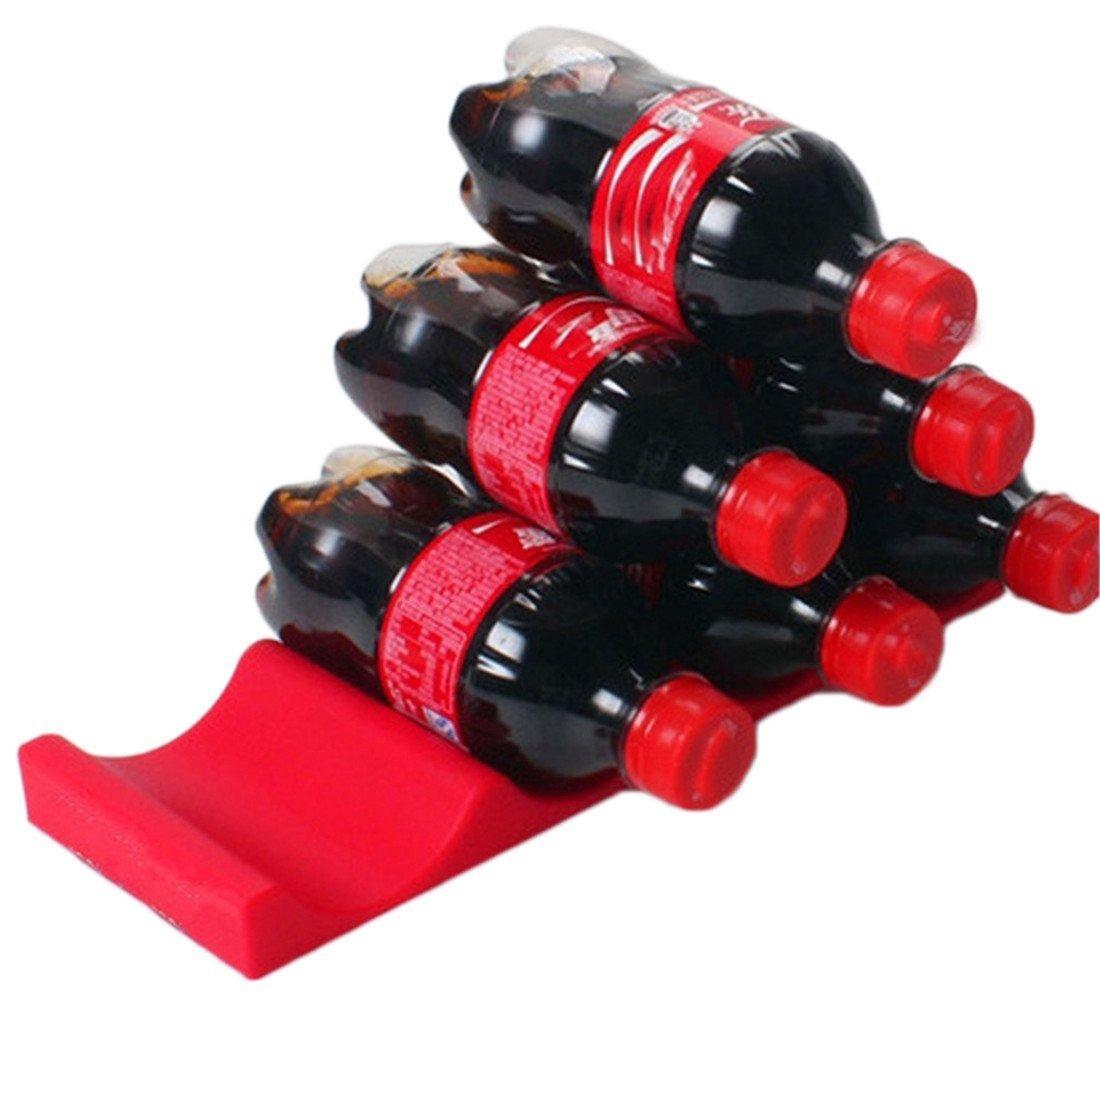 flaschenhalter f/ür k/ühlschrank Rot Weinregal K/ühlschrank Weinst/änder Getr/änkehalter Stapelhilfe f/ür Flaschen und Dosen